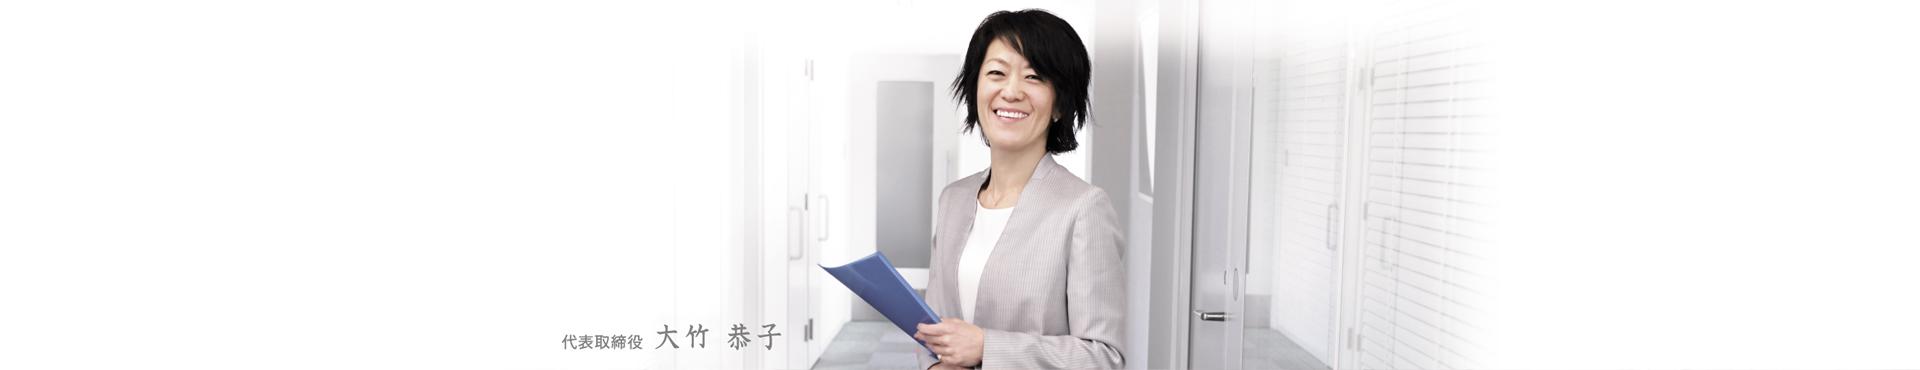 代表取締役社長 大竹恭子